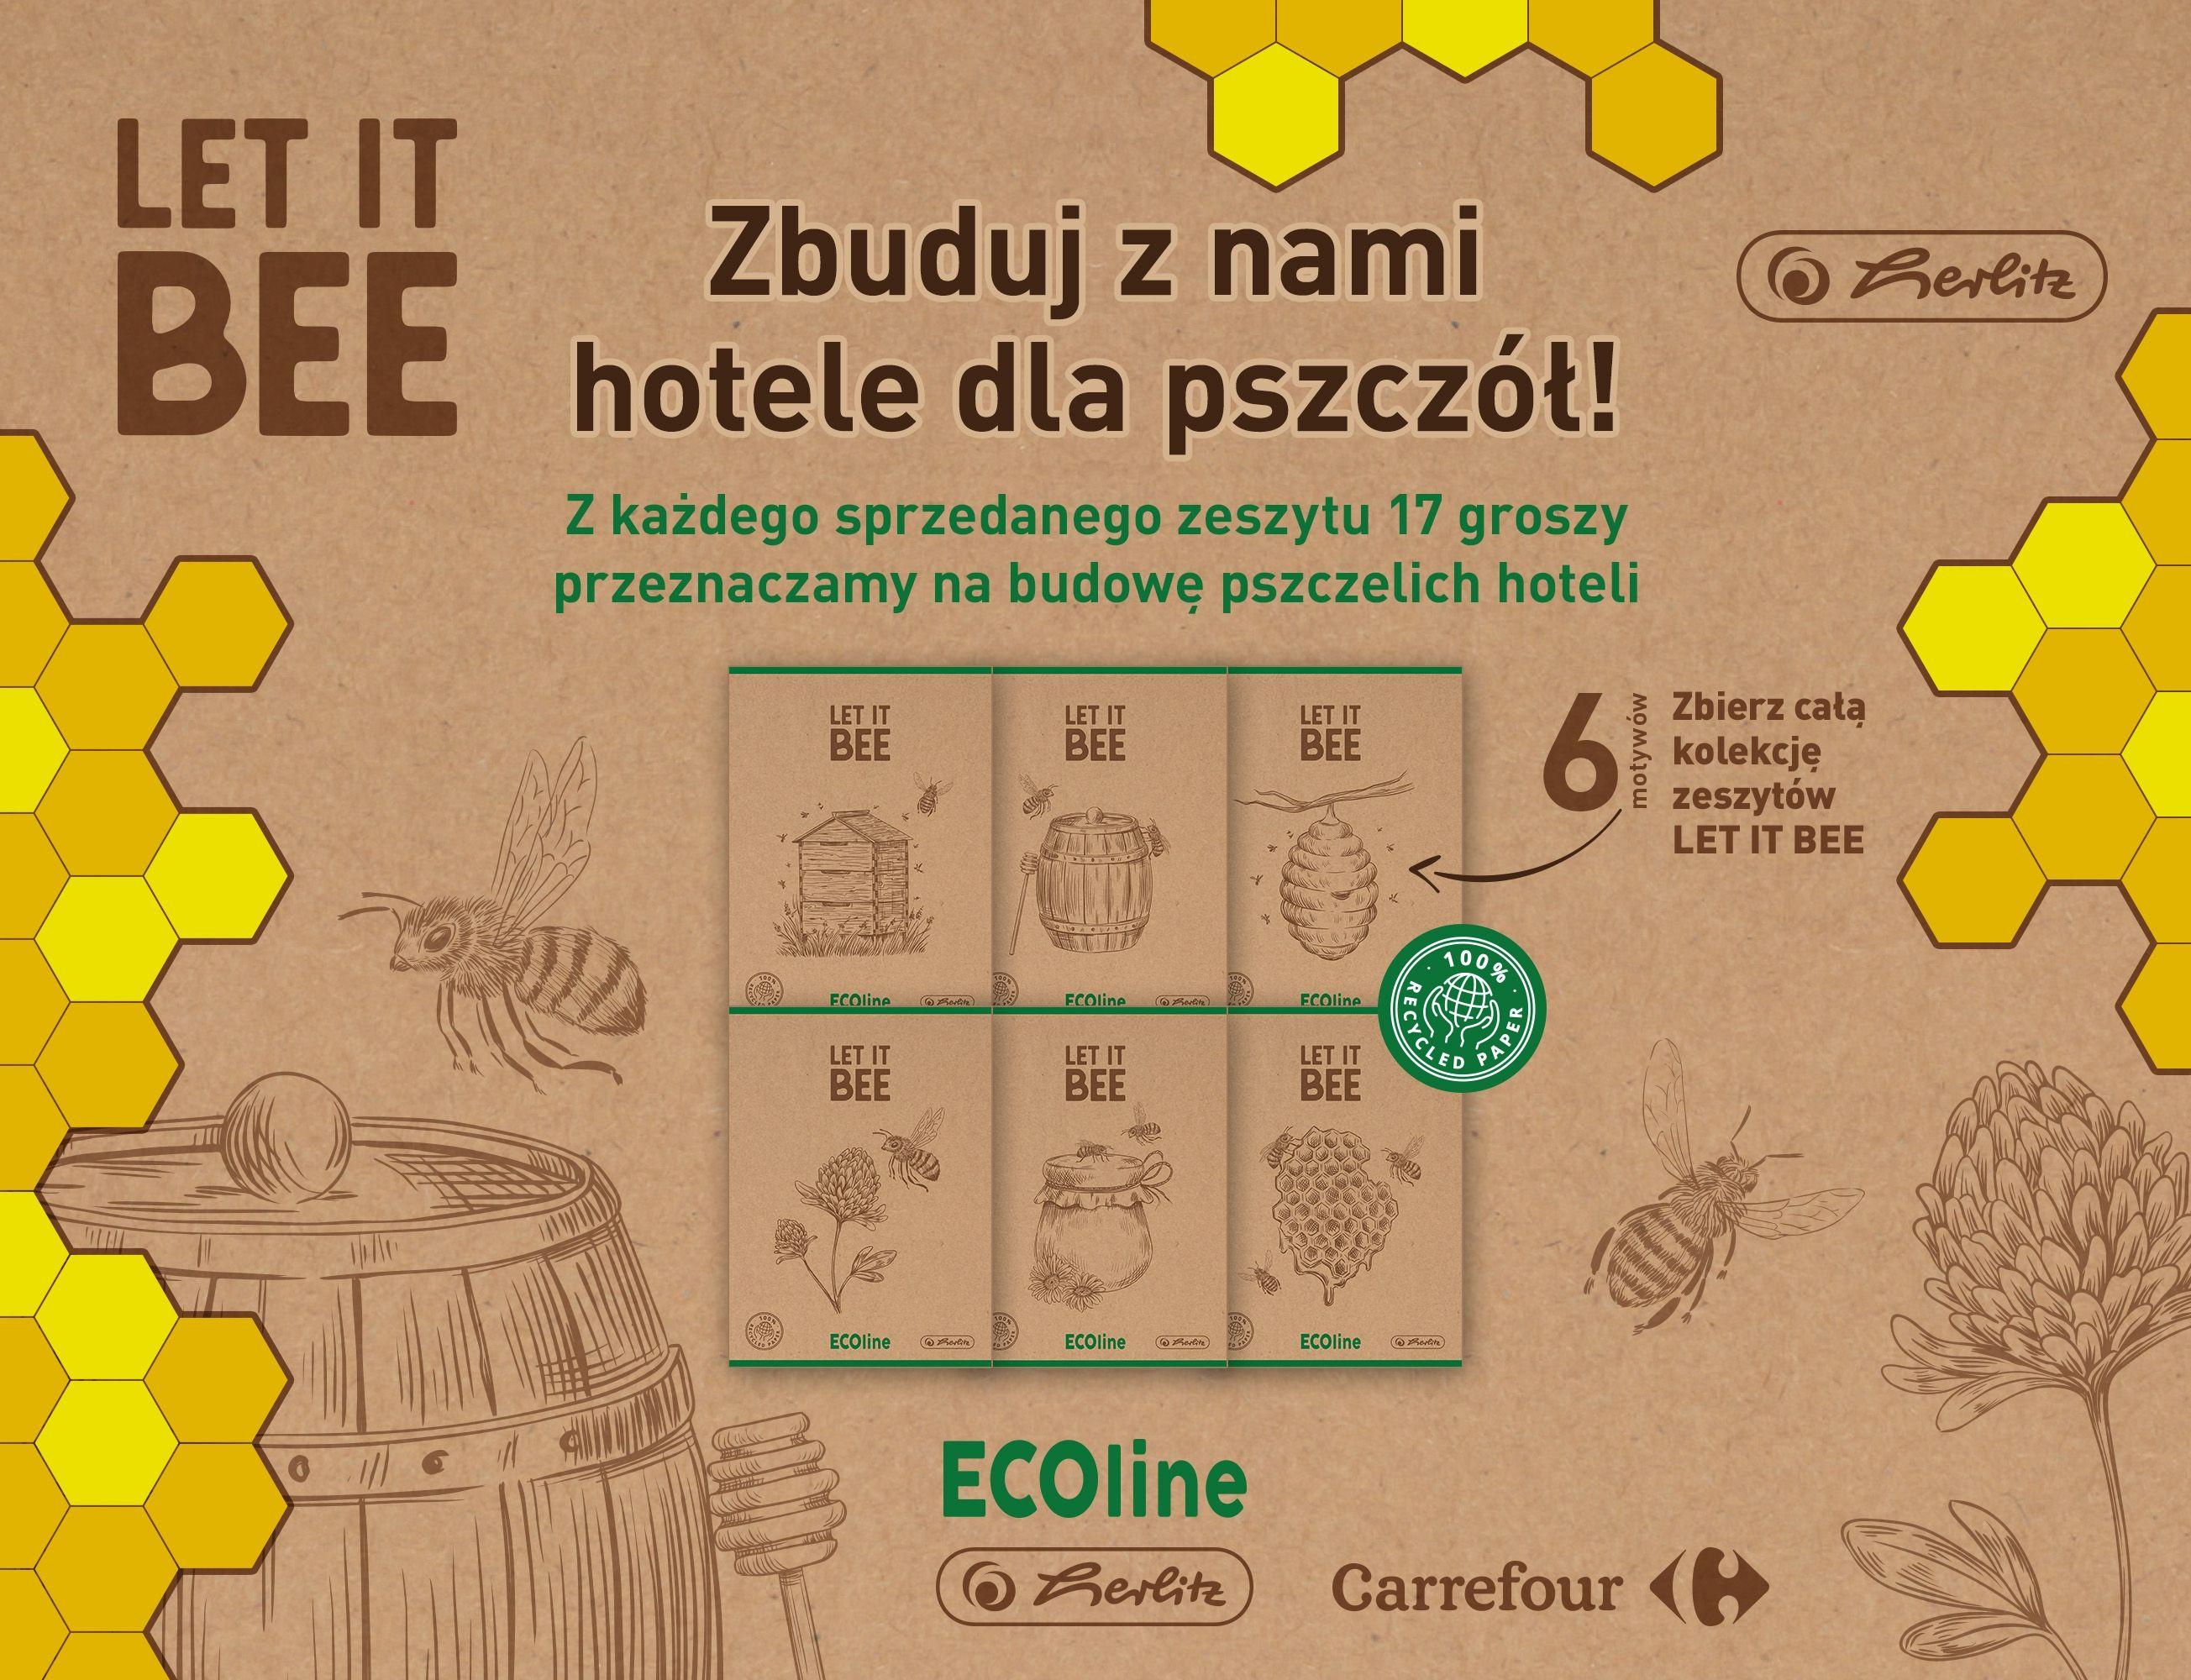 17 groszy ze sprzedaży zeszytów LET IT BEE przekazujemy na budowę pszczelich hoteli